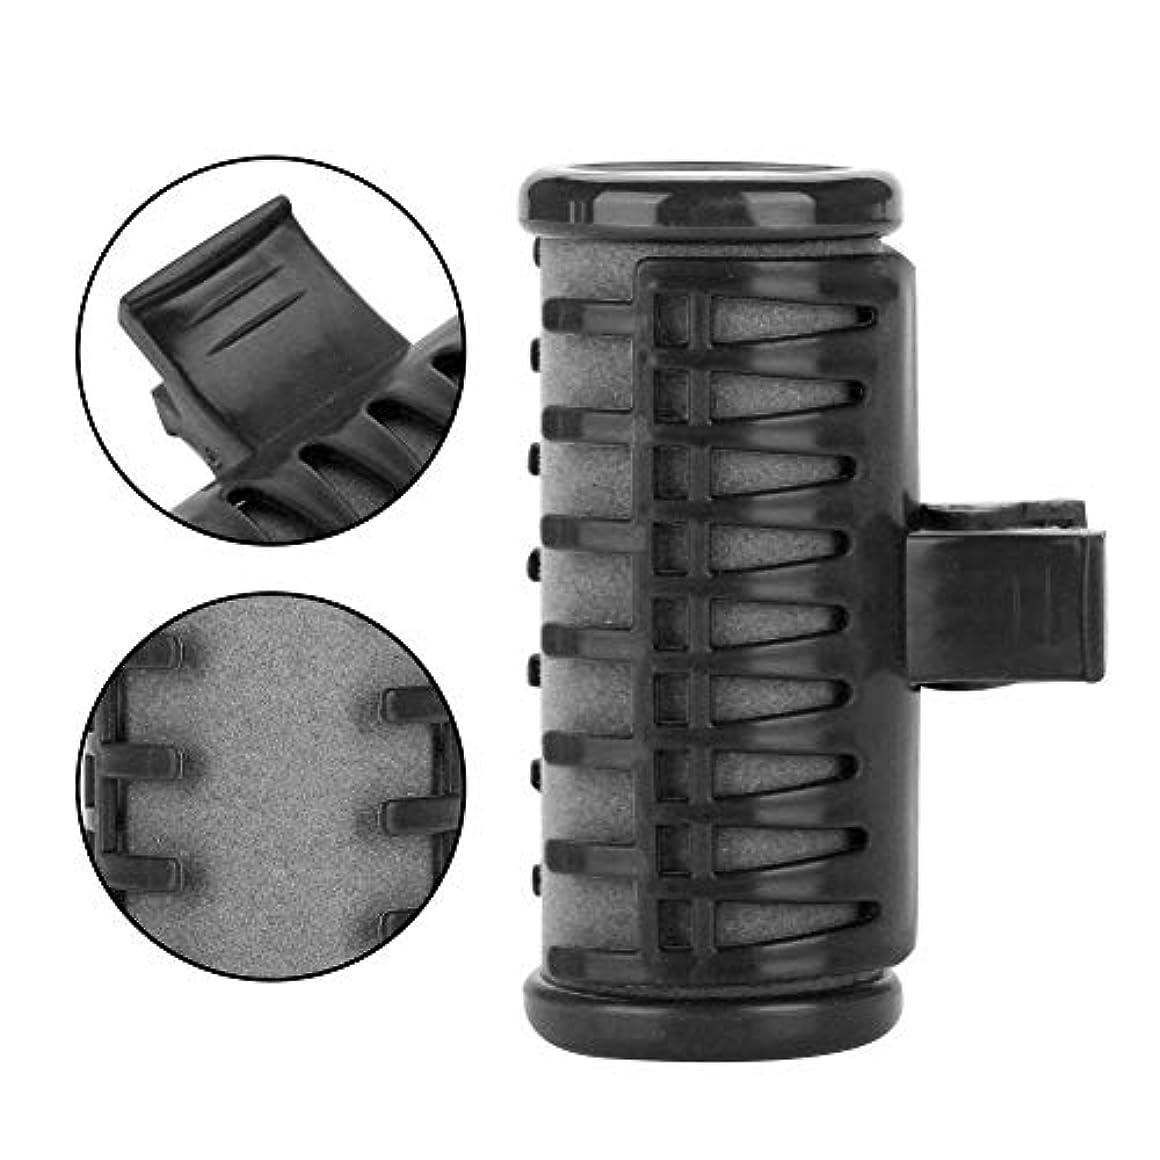 データベース理想的コントラスト充電式ヘアカーラーローラー USB ワイヤレスホットヘアローラーシースルーバングスヘアスタイラーミニヘアカーラー(ブラック)